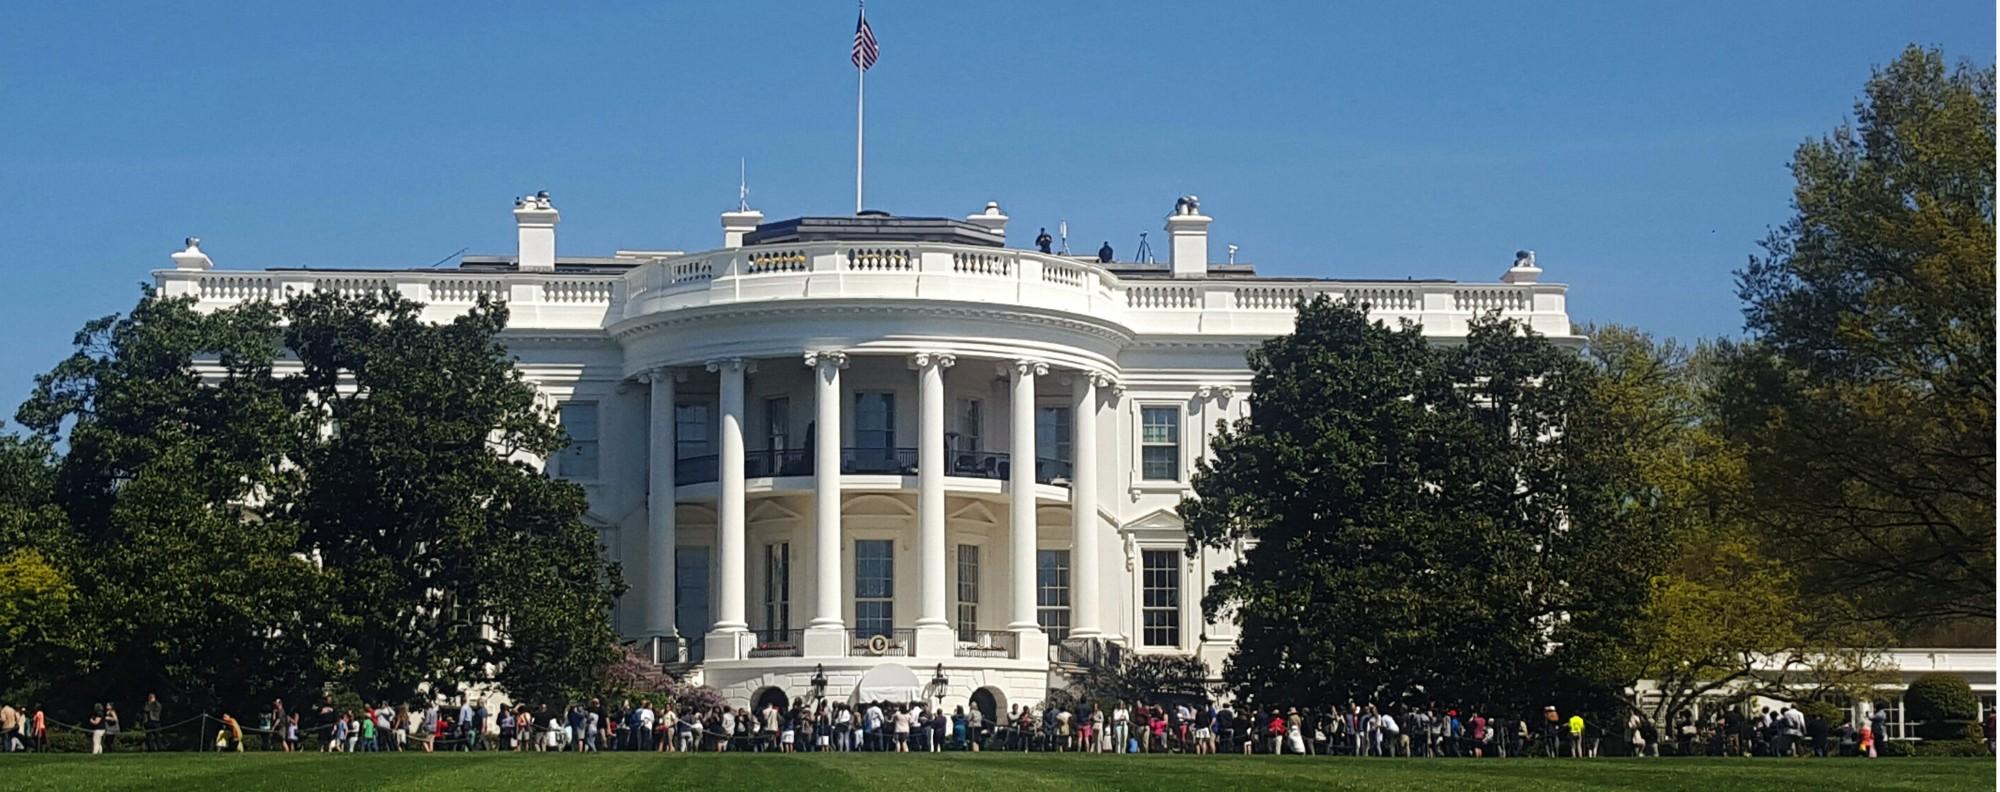 The White House. Photo: AP